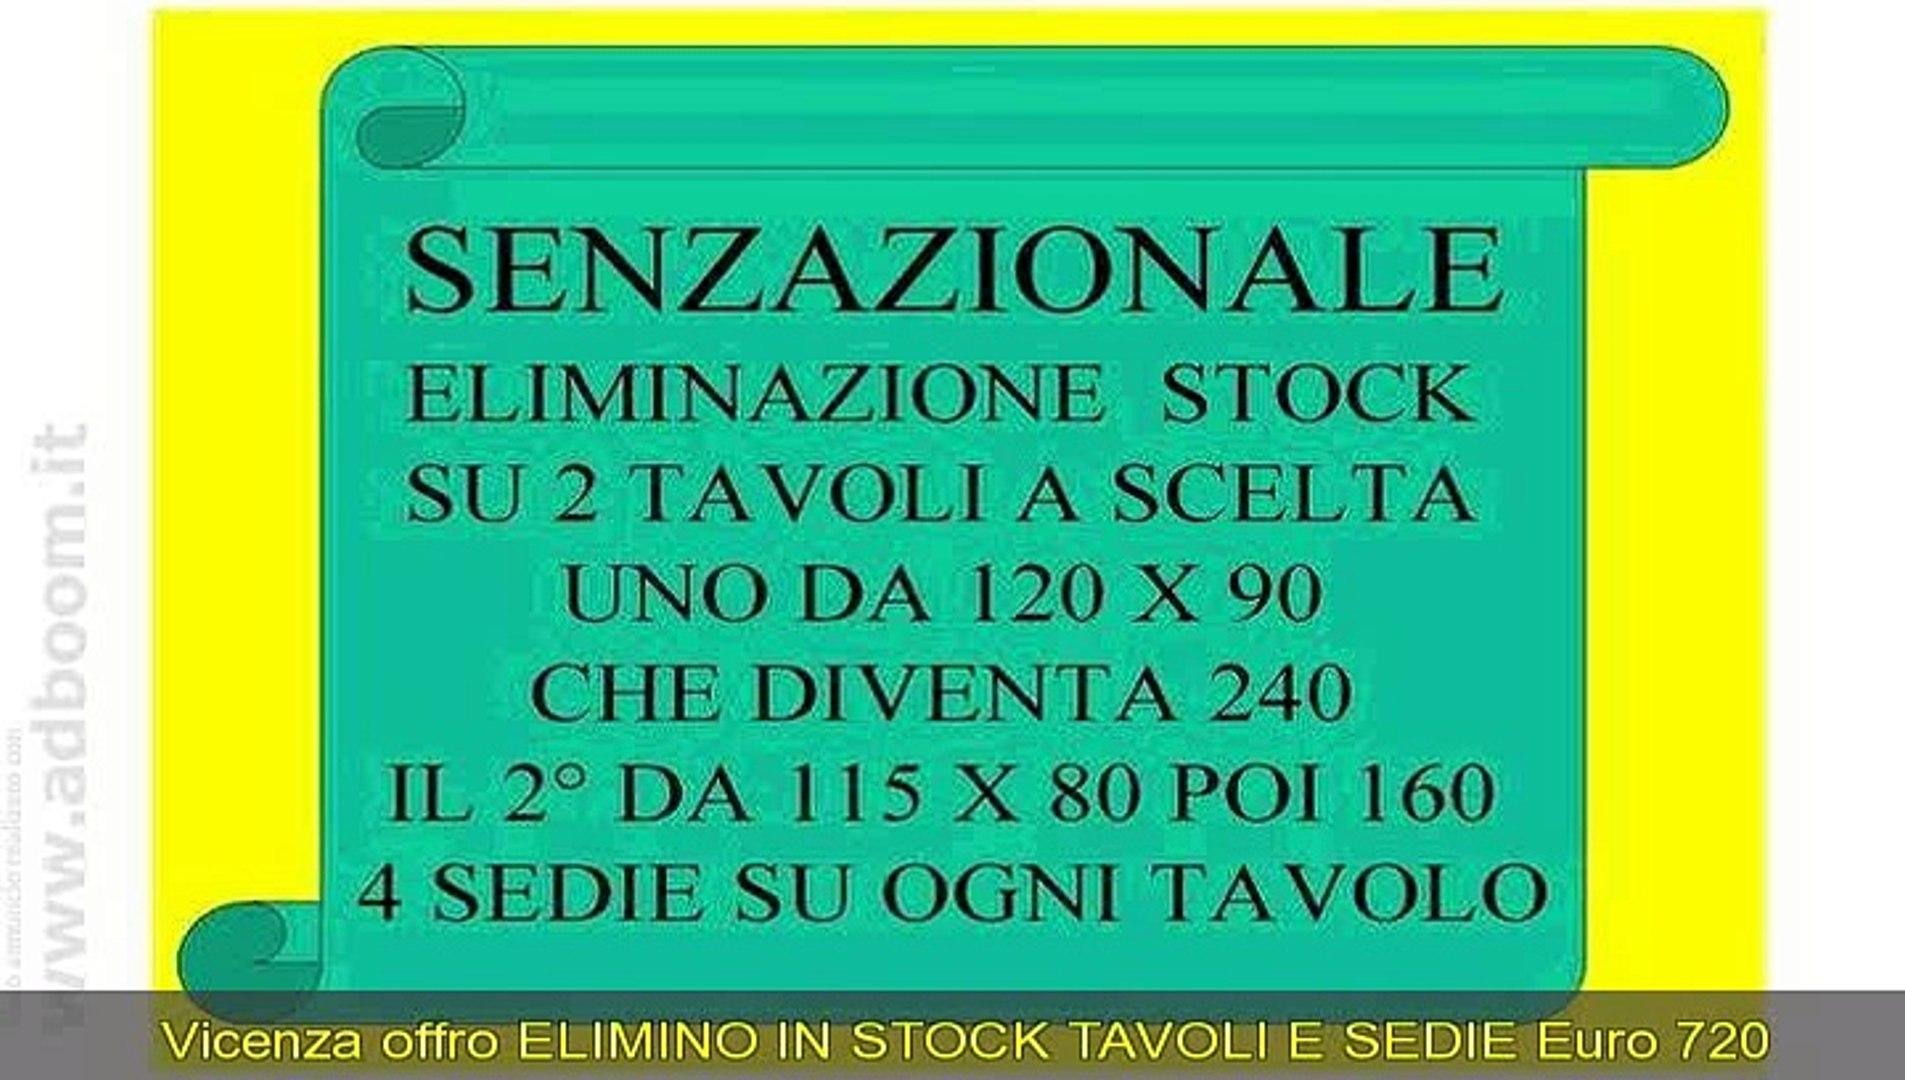 Tavoli E Sedie Vicenza.Vicenza Montecchio Maggiore Elimino In Stock Tavoli E Sedie Euro